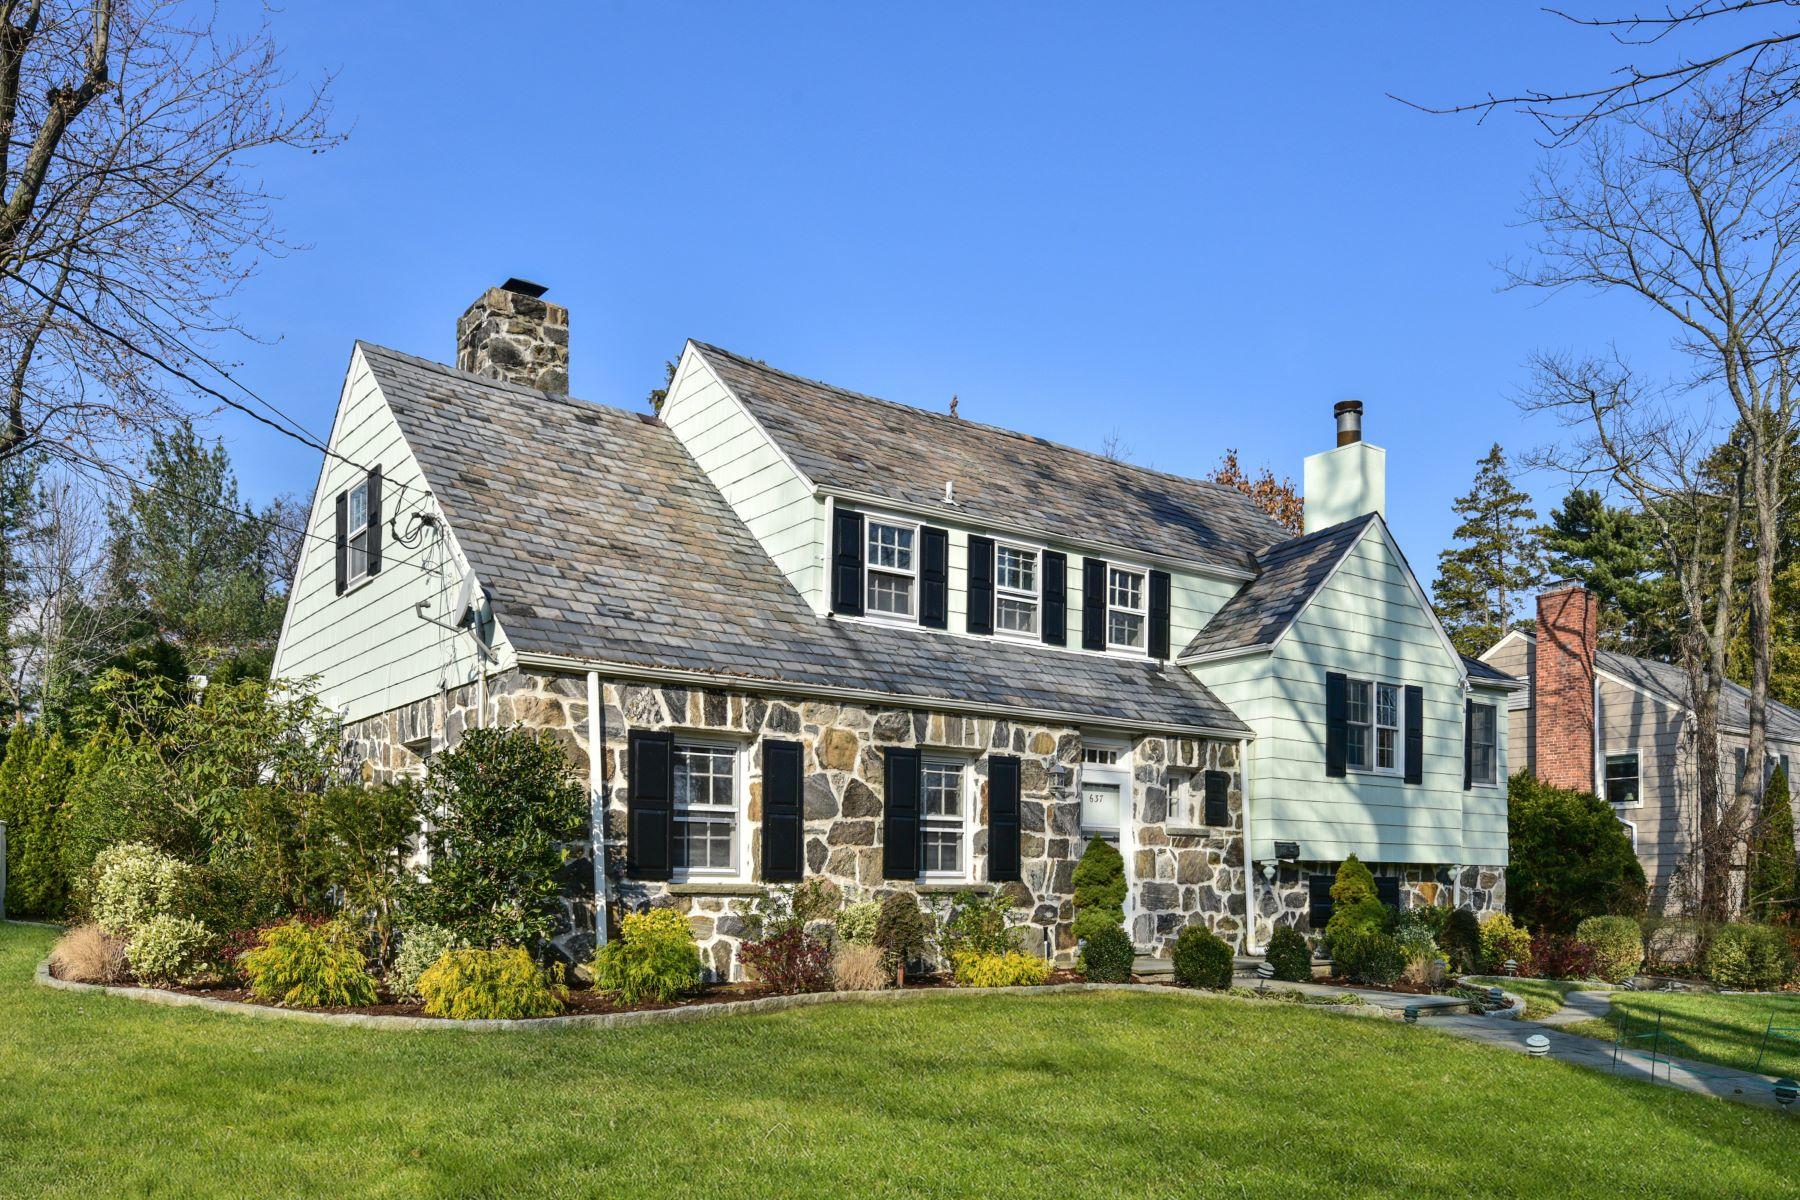 Casa Unifamiliar por un Alquiler en 637 Fairway Avenue 637 Fairway Avenue Mamaroneck, Nueva York 10543 Estados Unidos